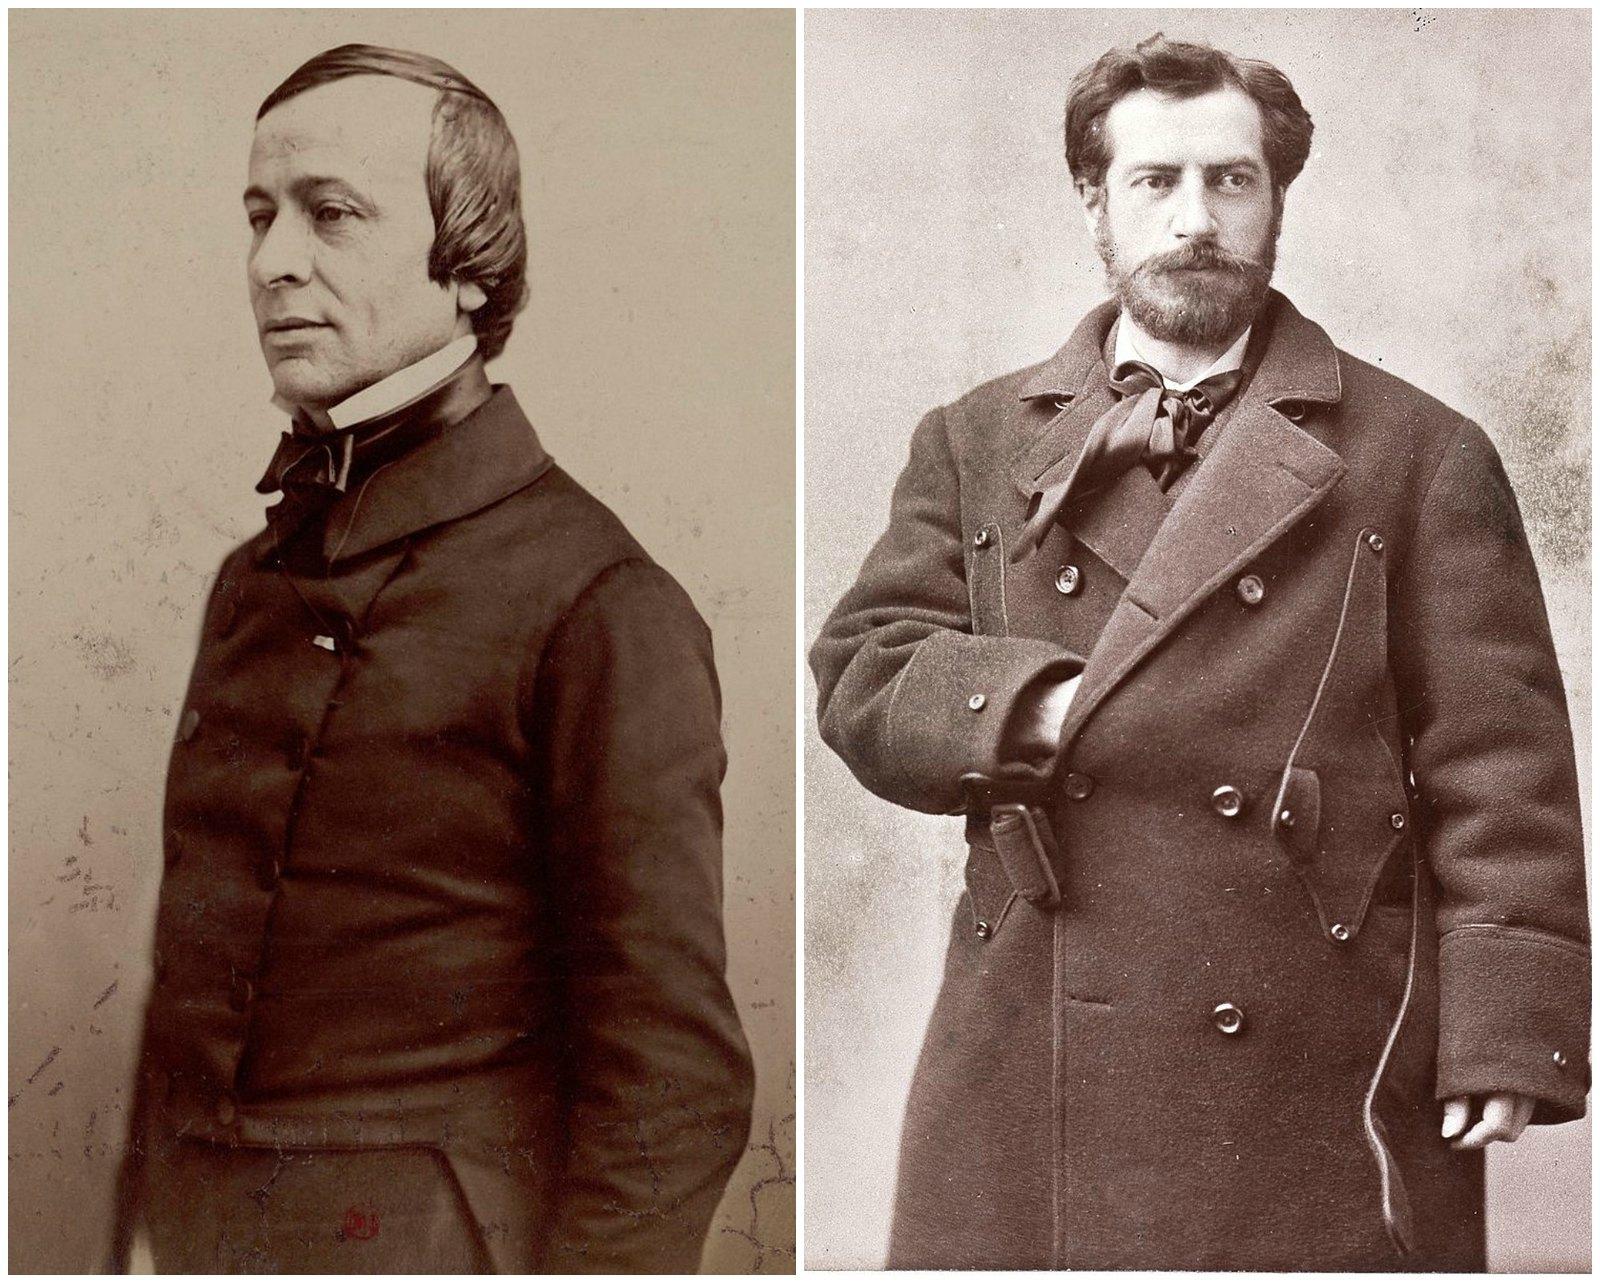 Édouard René de Laboulaye (left) and Frédéric Auguste Bartholdi